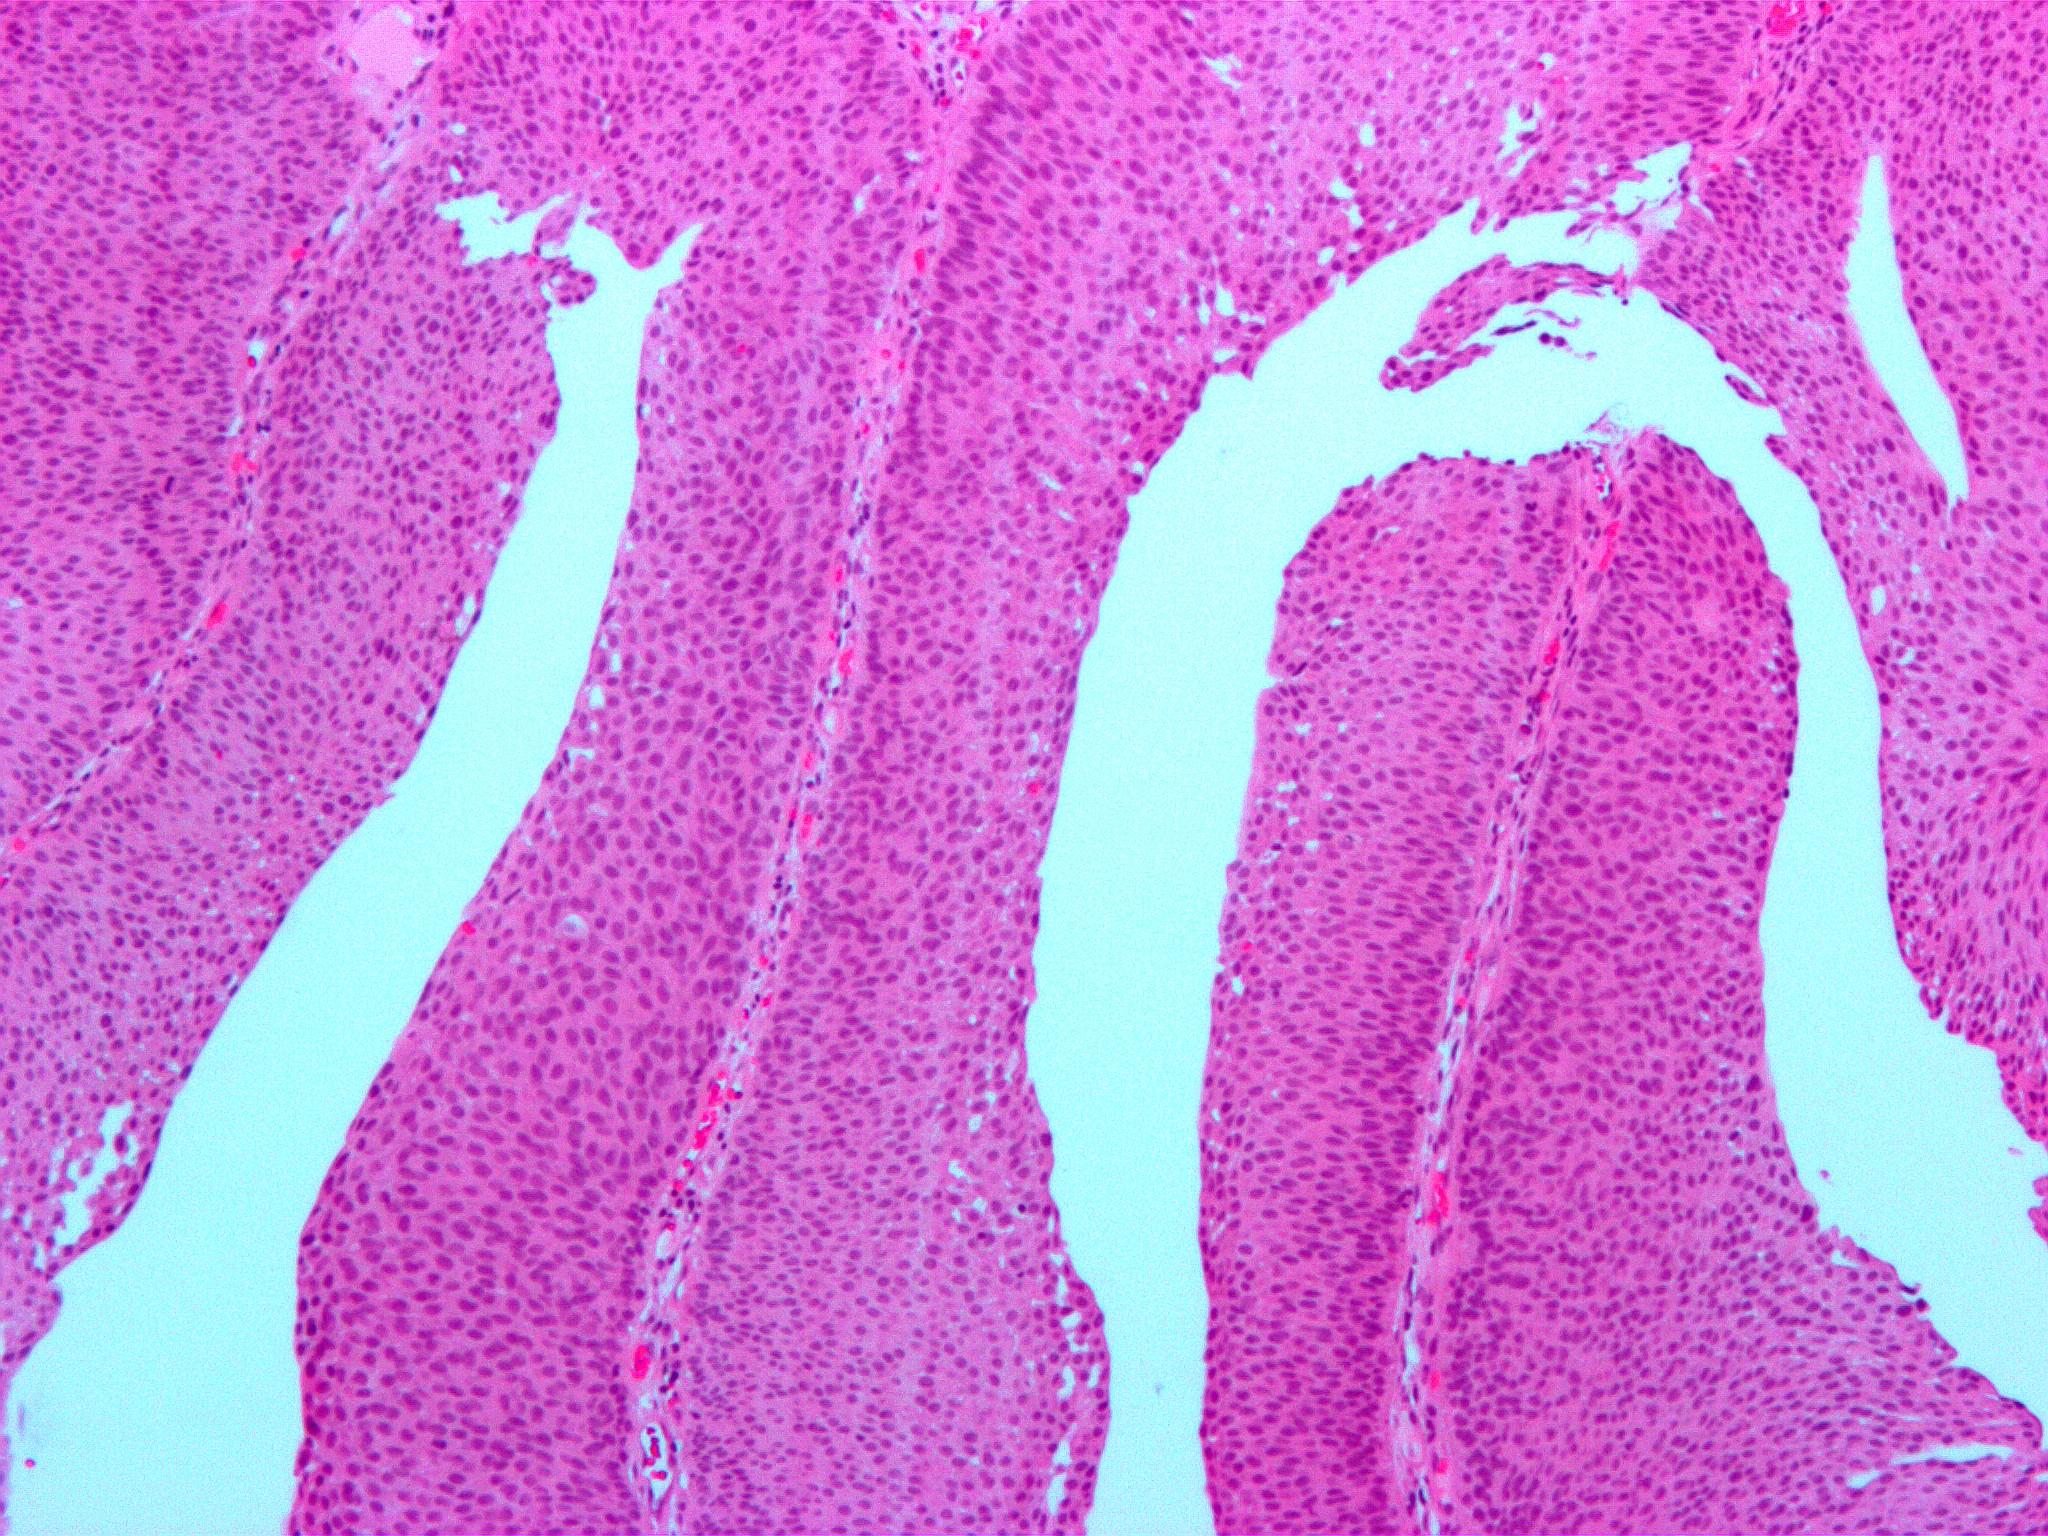 papillary urothelial malignant